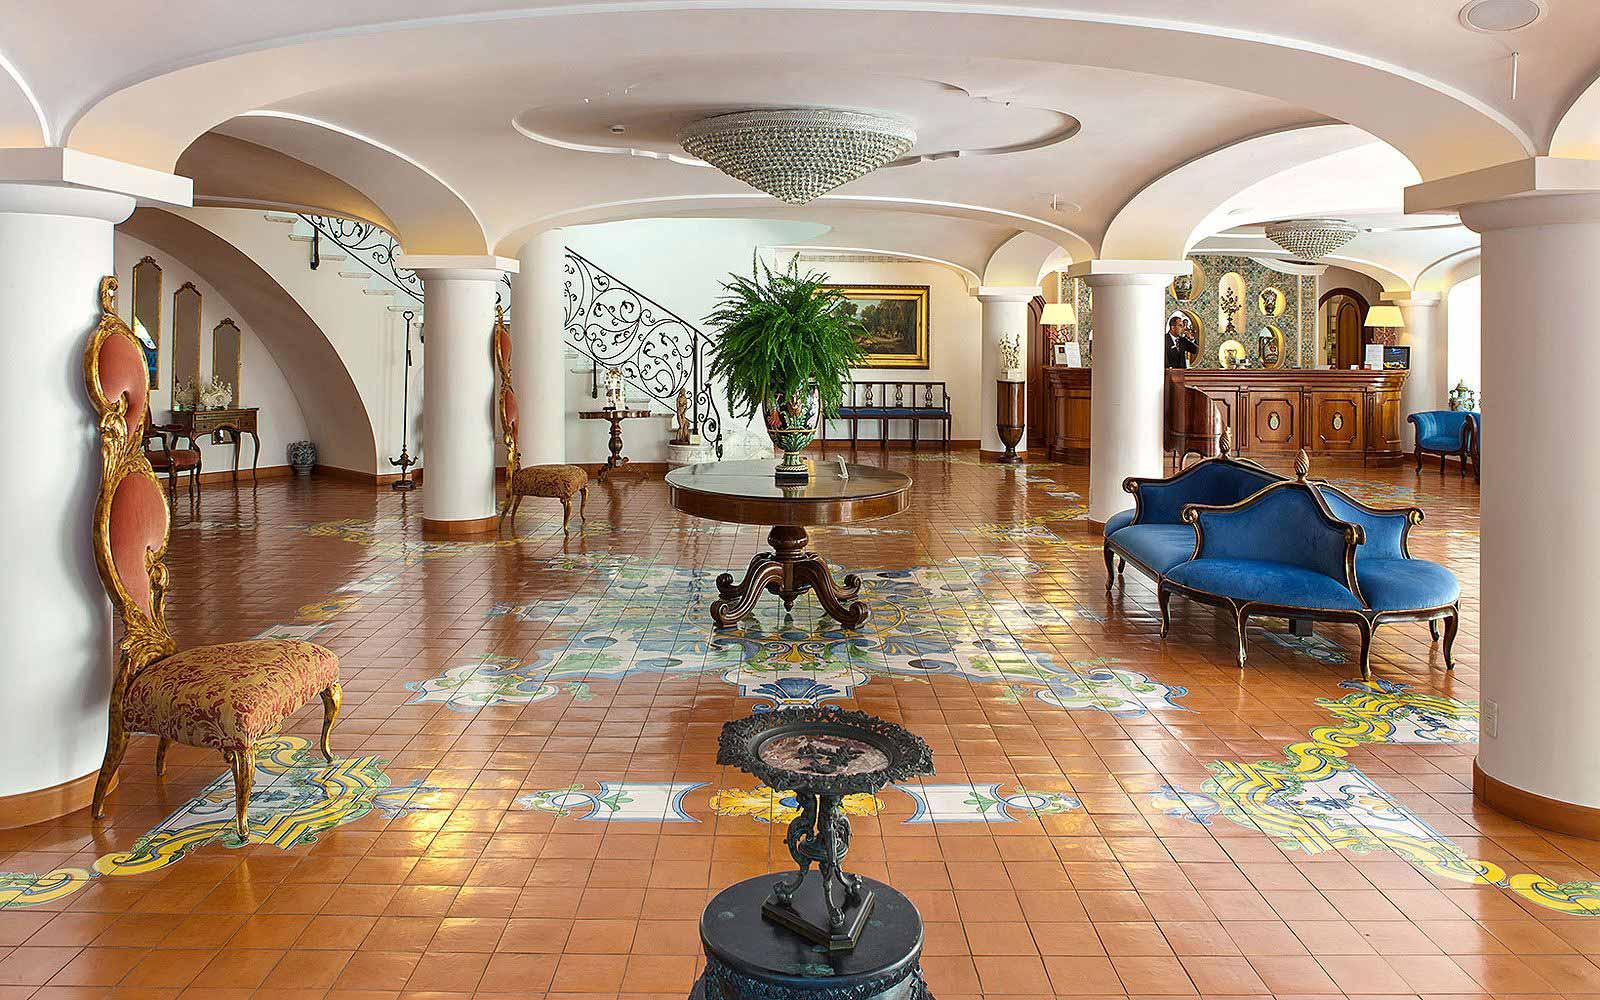 Reception at the Grand Hotel La Favorita